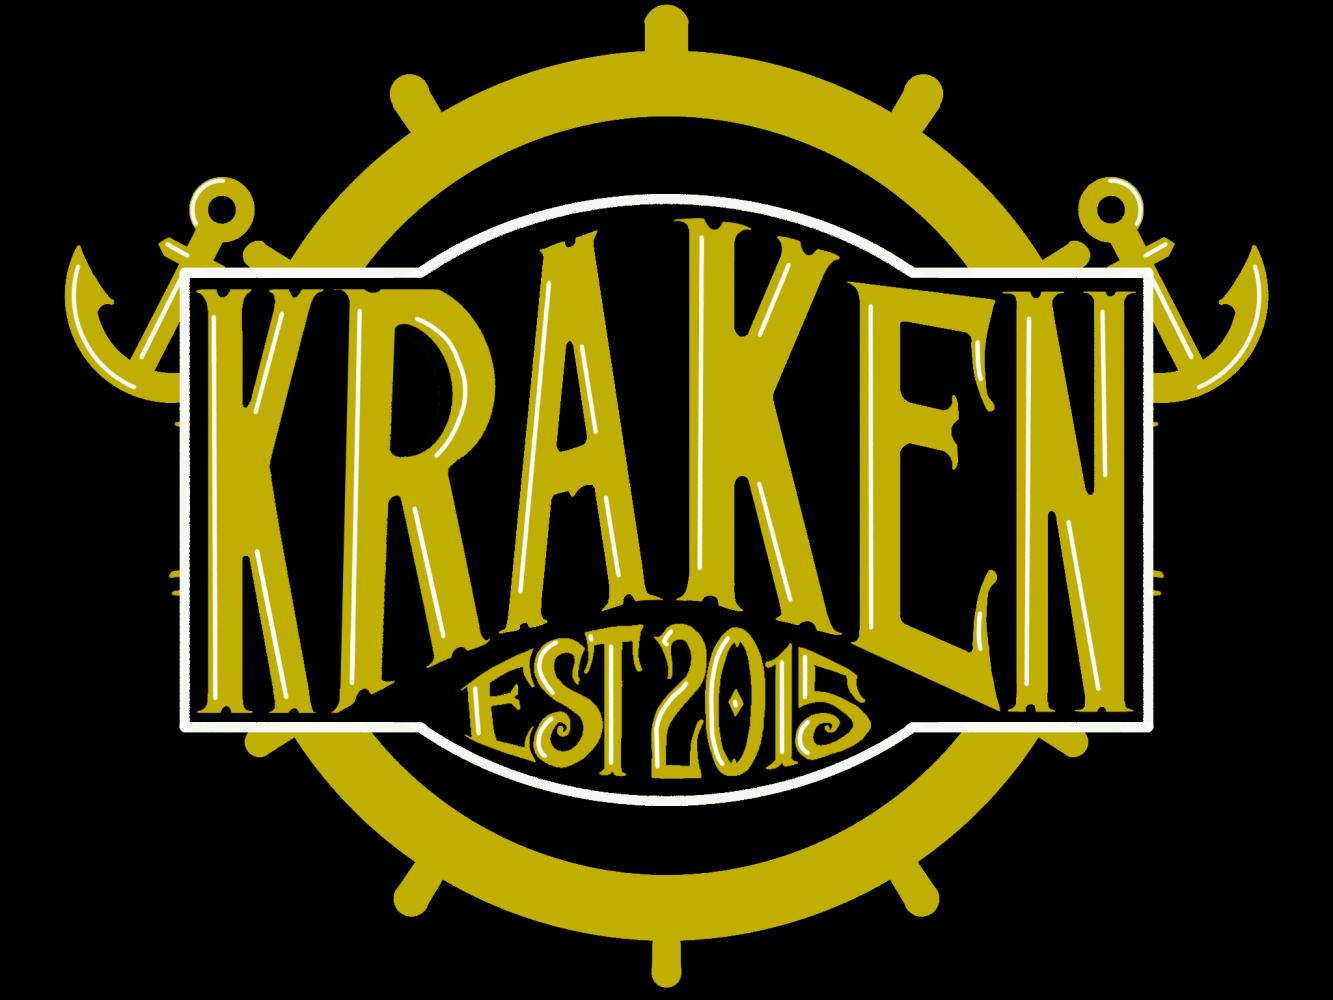 Kraken typography WIP by LaserTagAlong